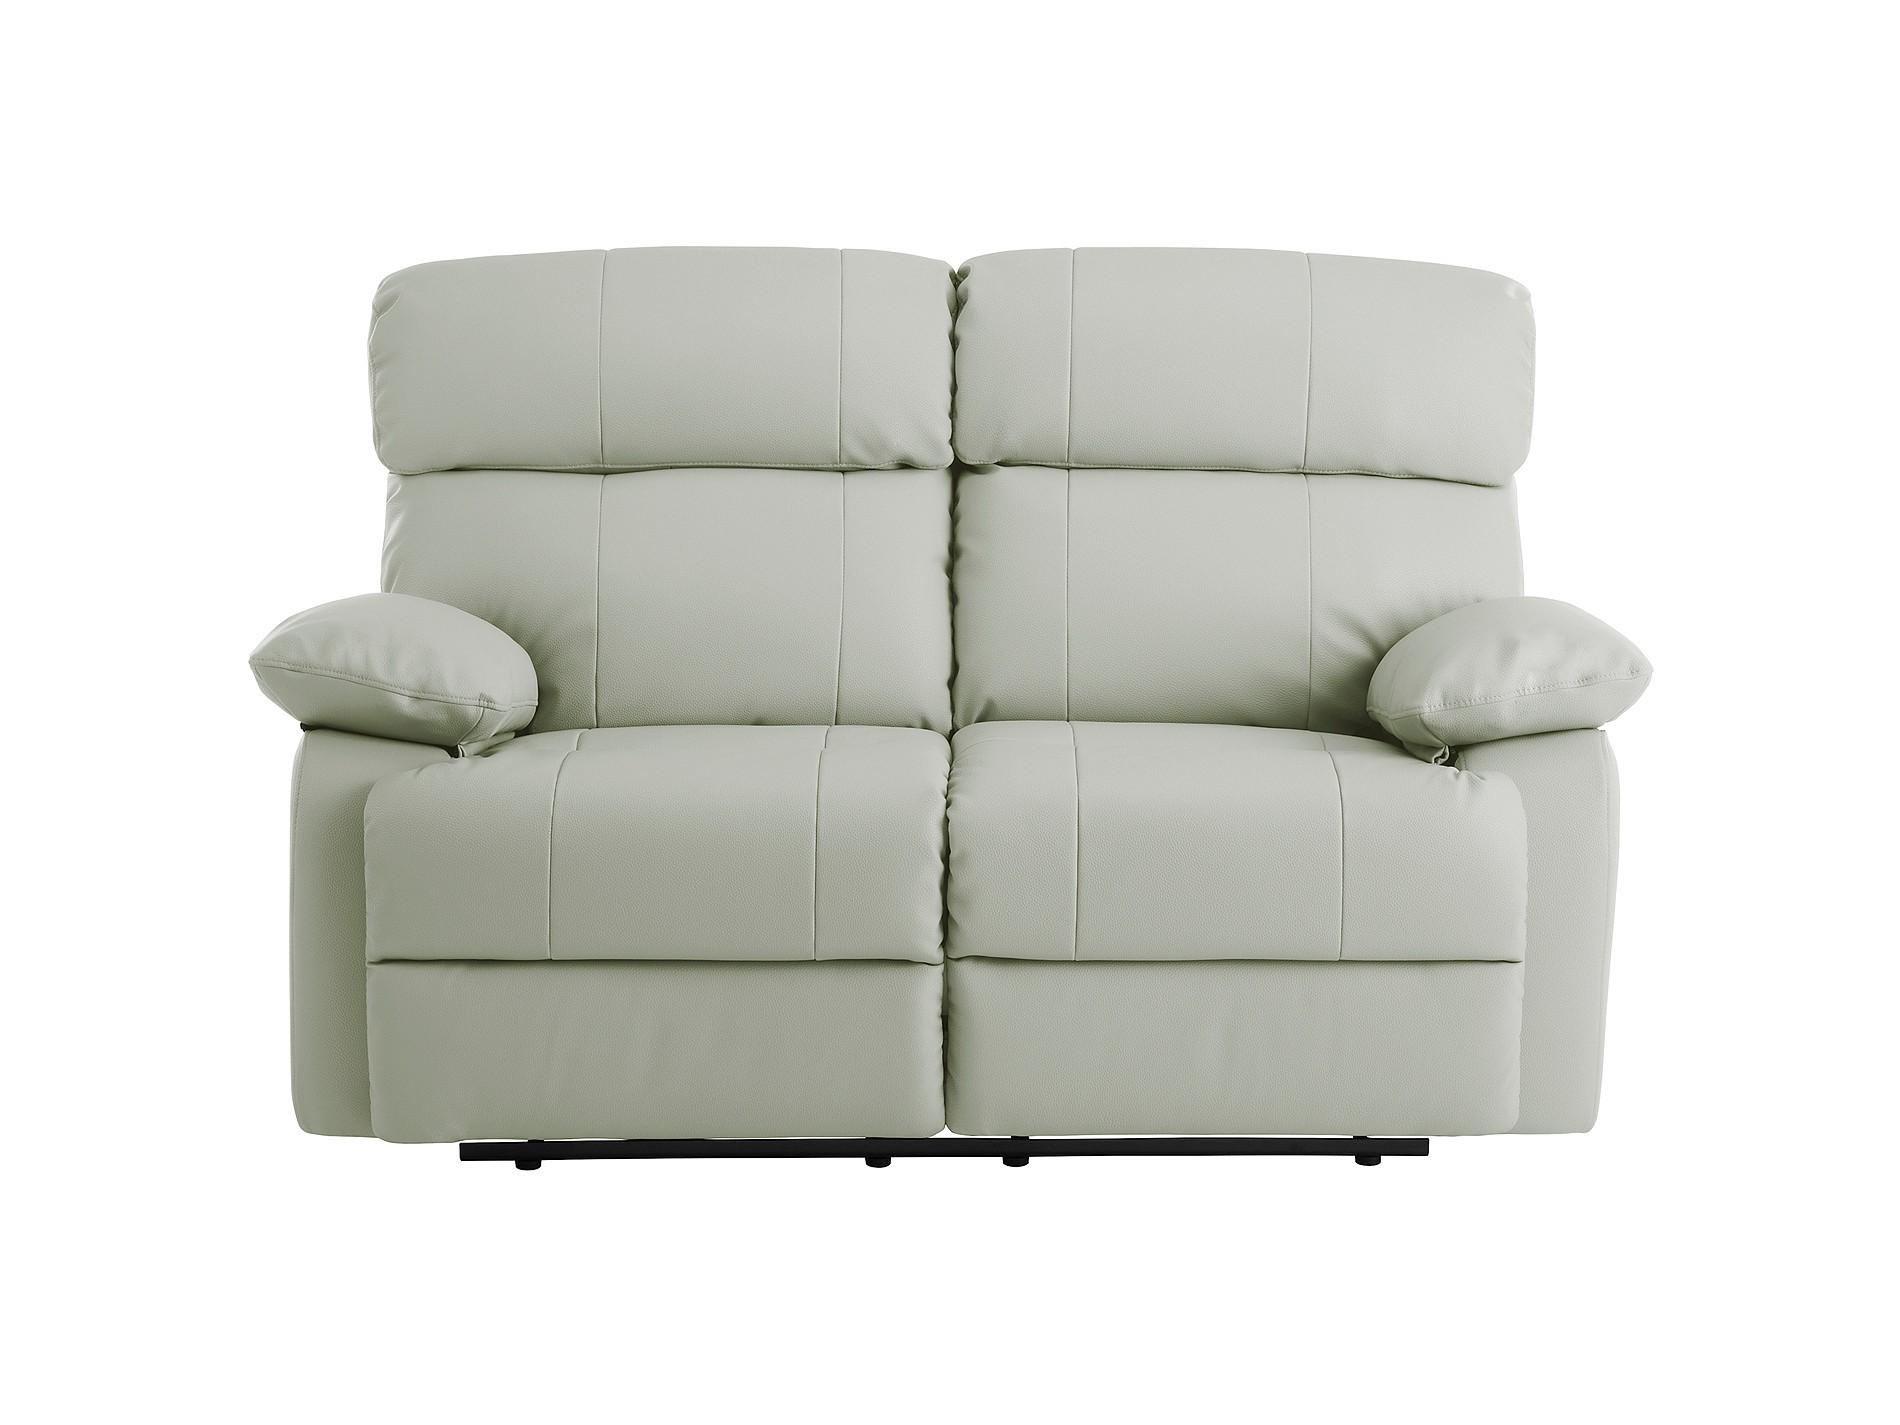 Small Reclining Sofa